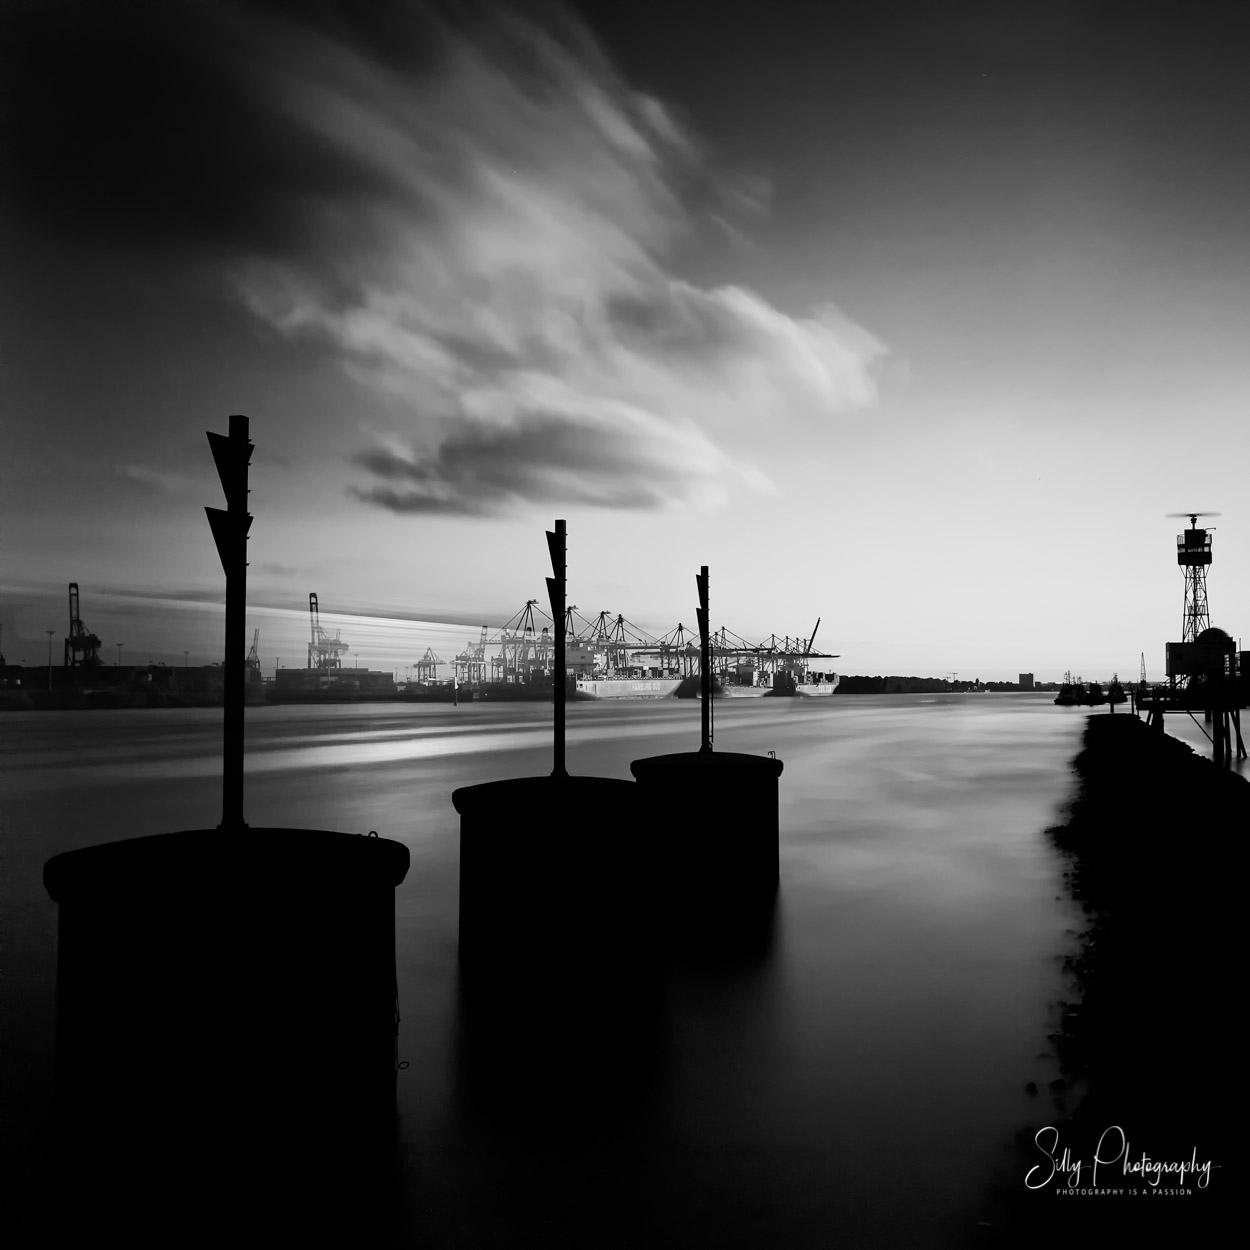 Hamburg / Hamburger Hafen, Langzeitbelichtung, 2014, © Silly Photography